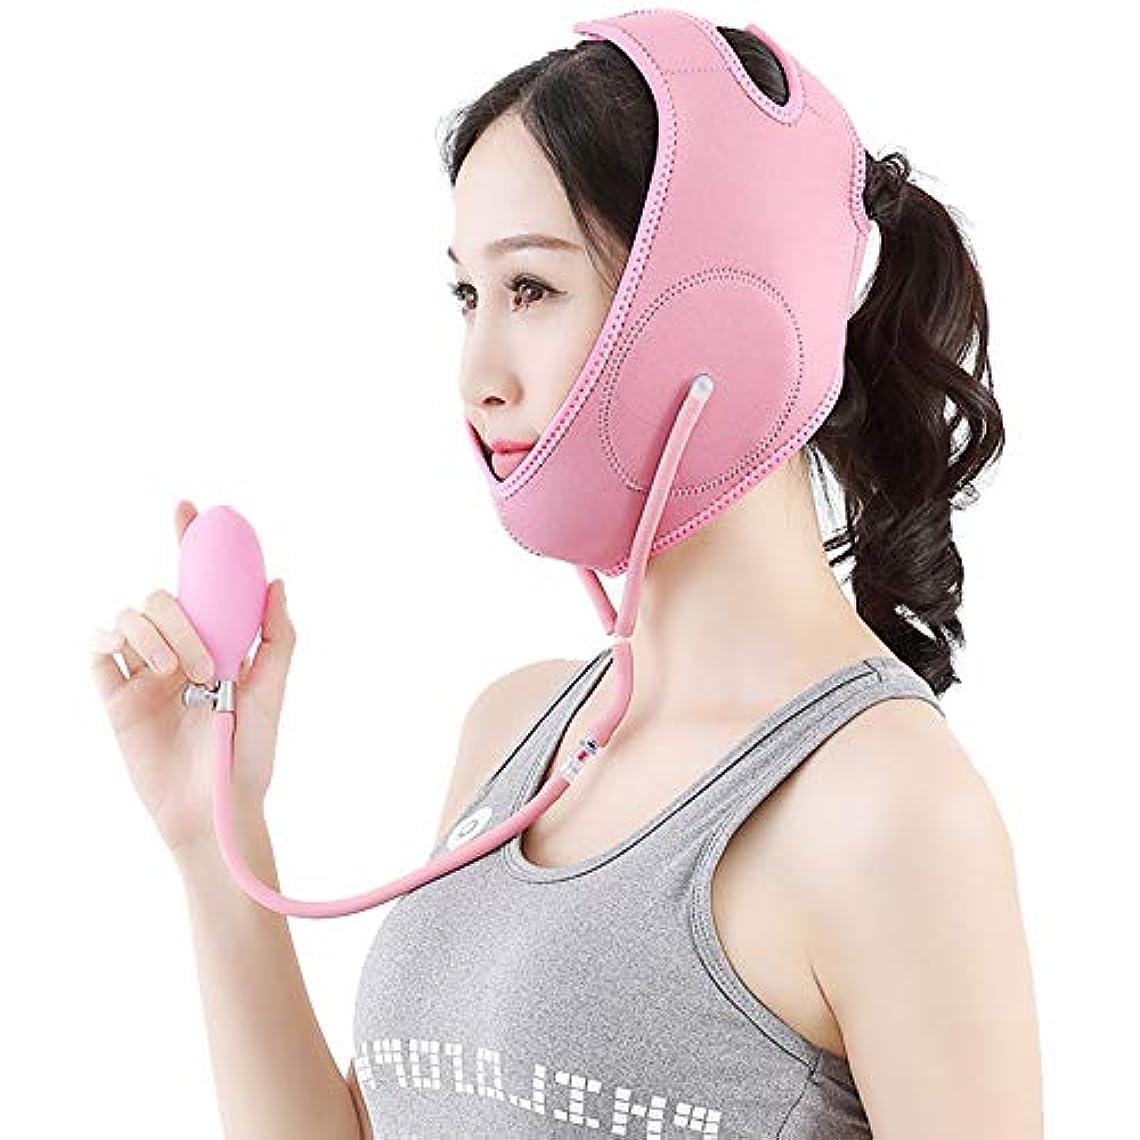 角度縞模様の敬意XINGZHE フェイシャルリフティング痩身ベルトダブルエアバッグ圧力調整フェイス包帯マスク整形マスクが顔を引き締める フェイスリフティングベルト (色 : ピンク, サイズ さいず : M)